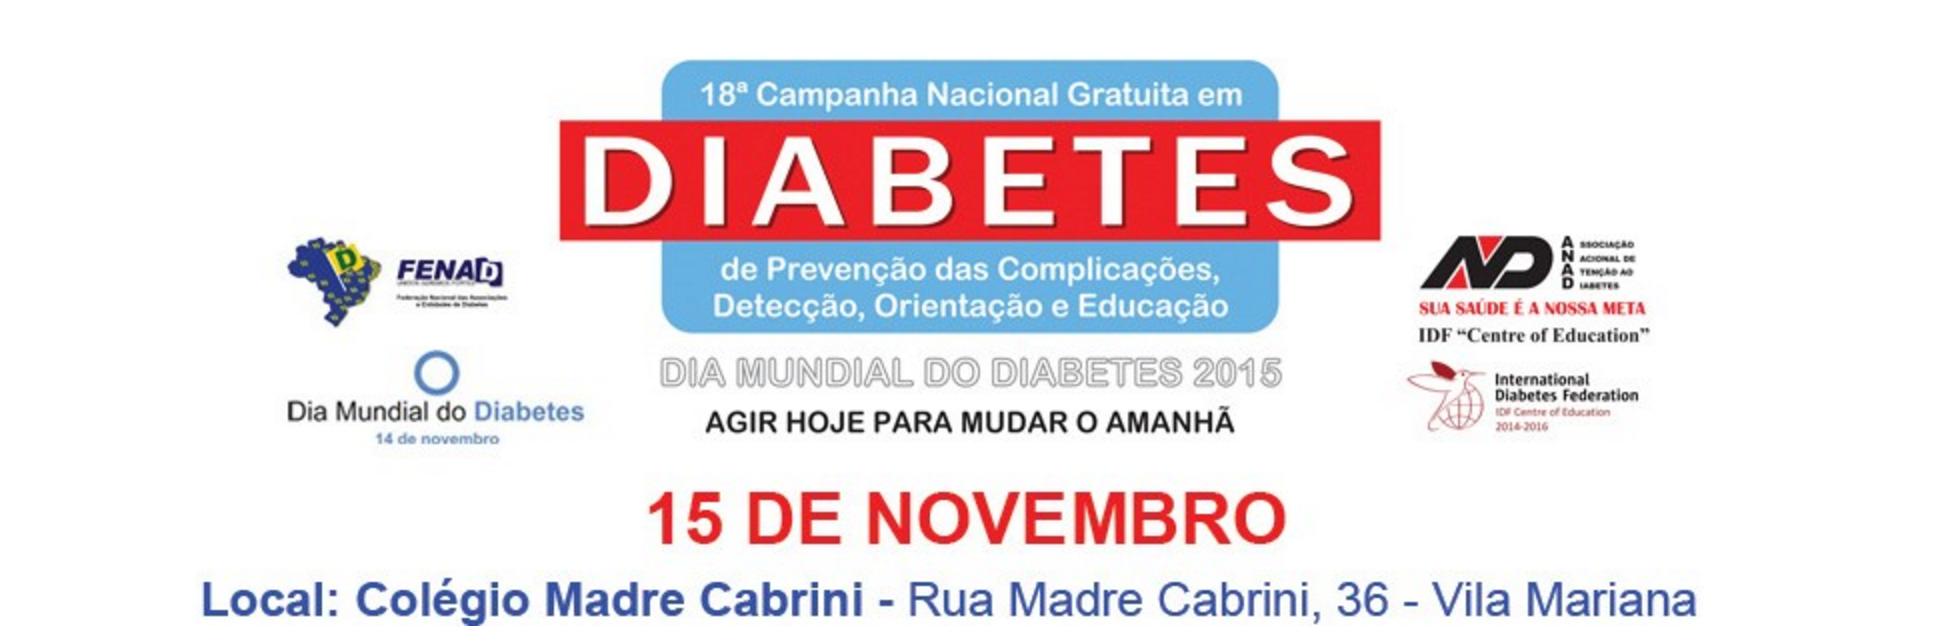 Amanhã a ANAD realizará testes gratuitos de glicemia para o publico